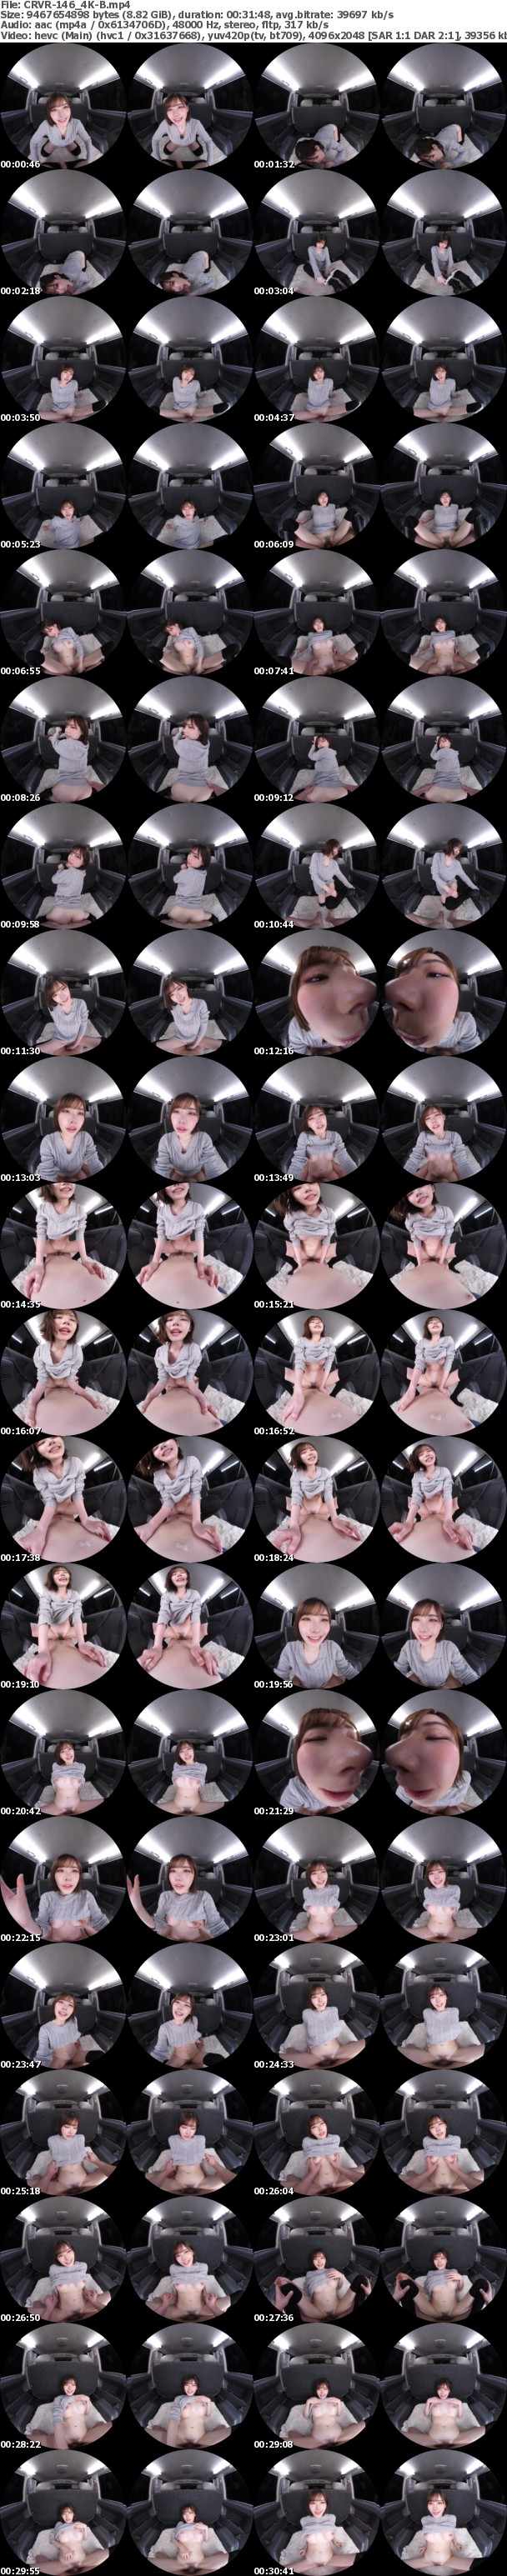 (VR) CRVR-146 【4K匠】深田えいみ カーセックスVR 躊躇するあなたをスレンダー美女がベロテク誘惑!